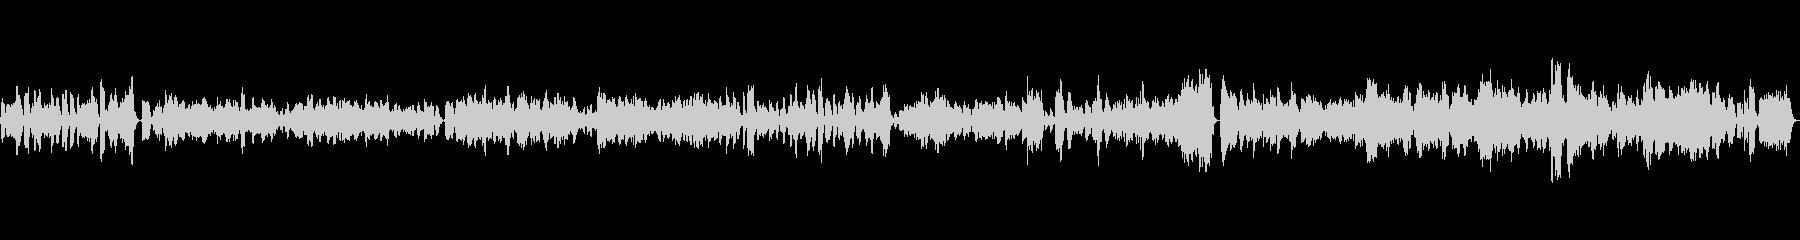 ゆったりと陽気な音楽/フルート多重録音の未再生の波形